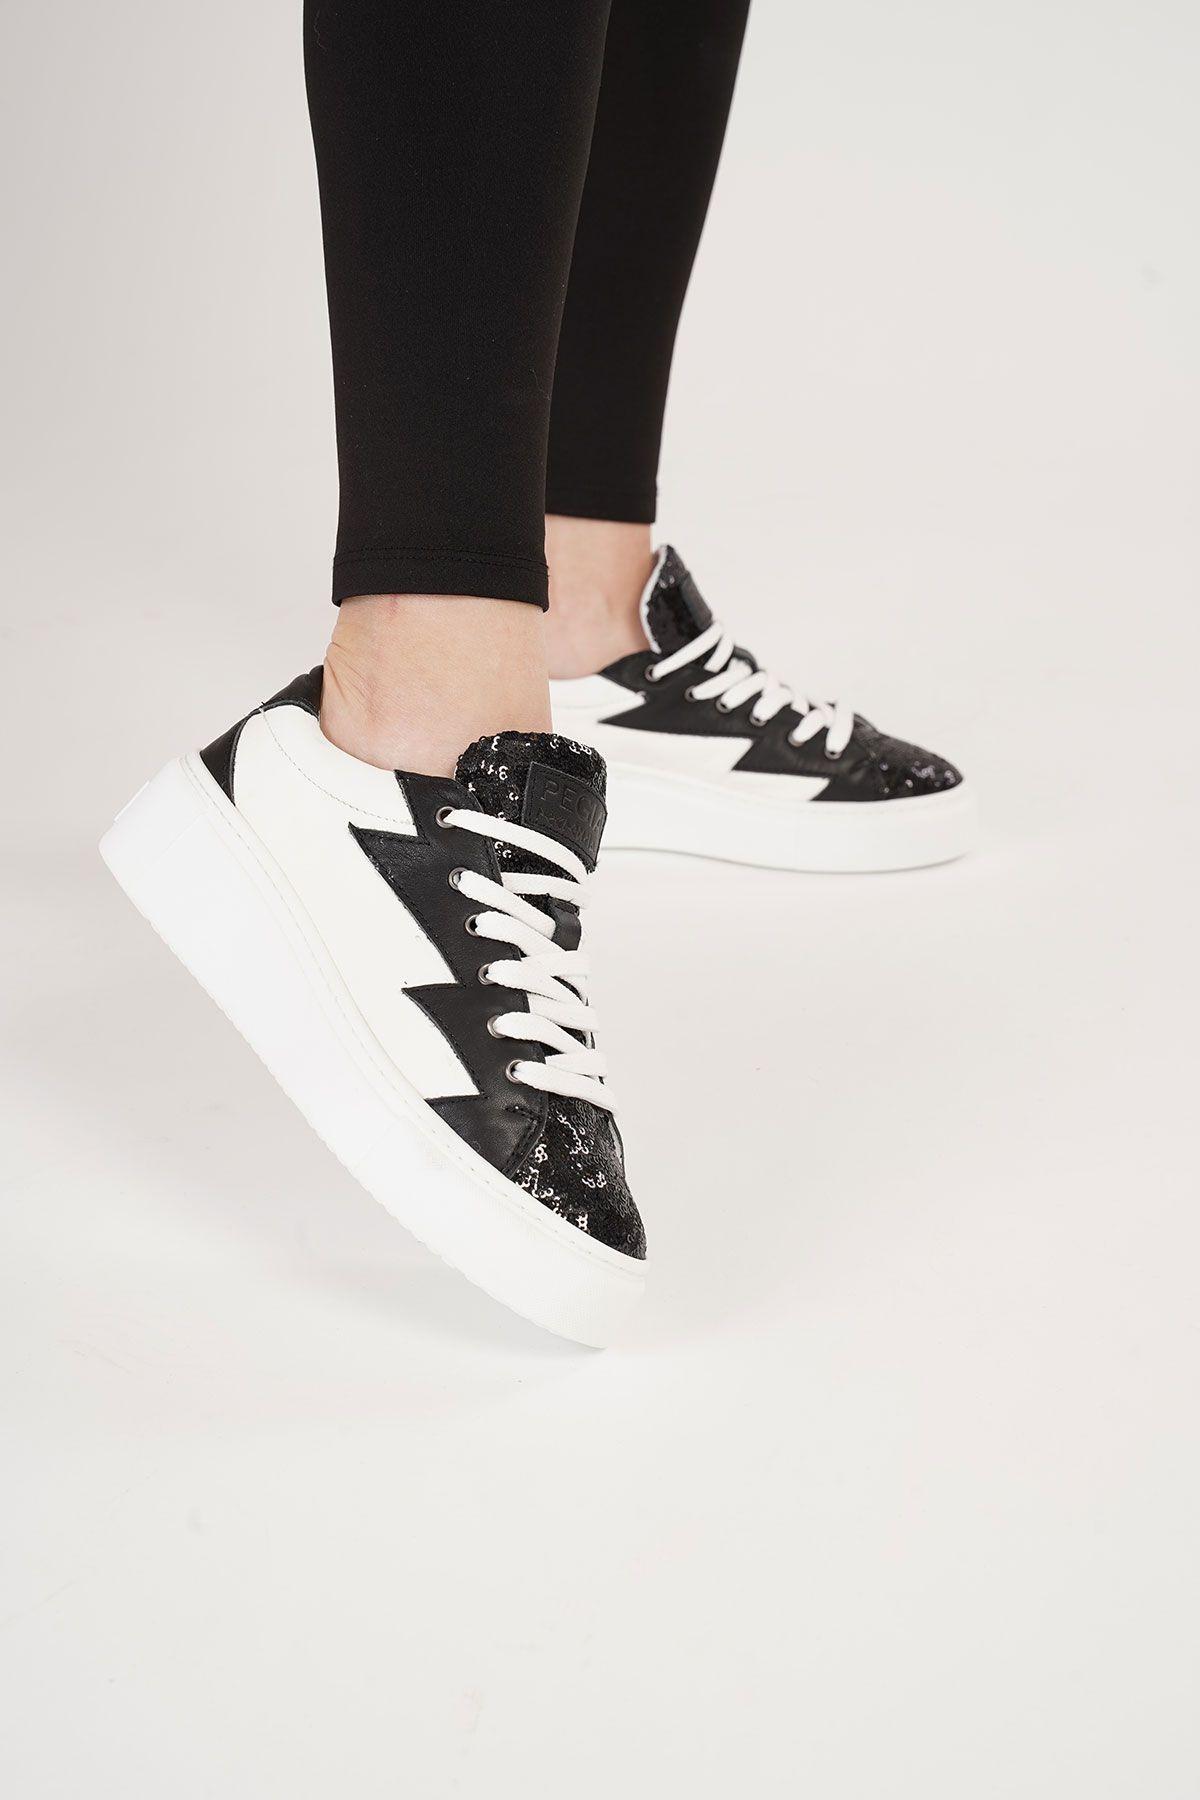 Pegia Genuine Leather Women's Sneaker LA1504 Black